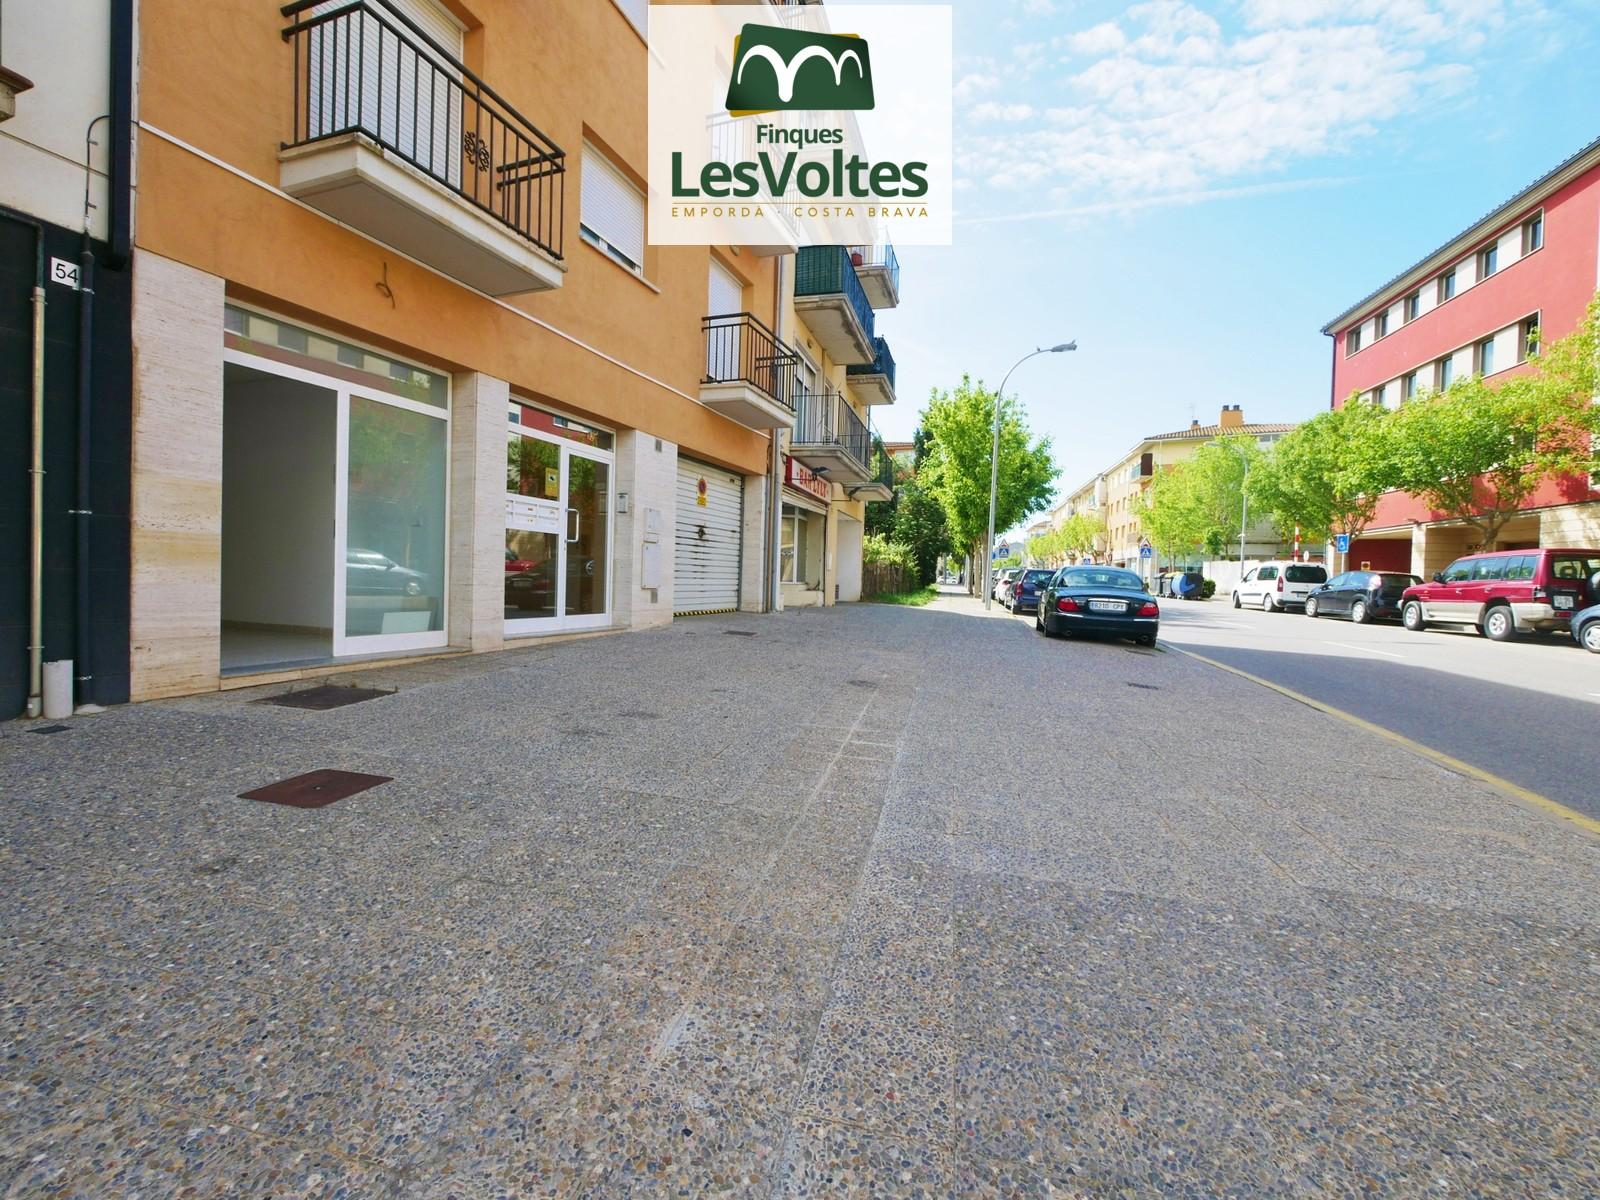 Local comercial de 30m2 en venda a Palafrugell. Bona ubicació en zona de pas.